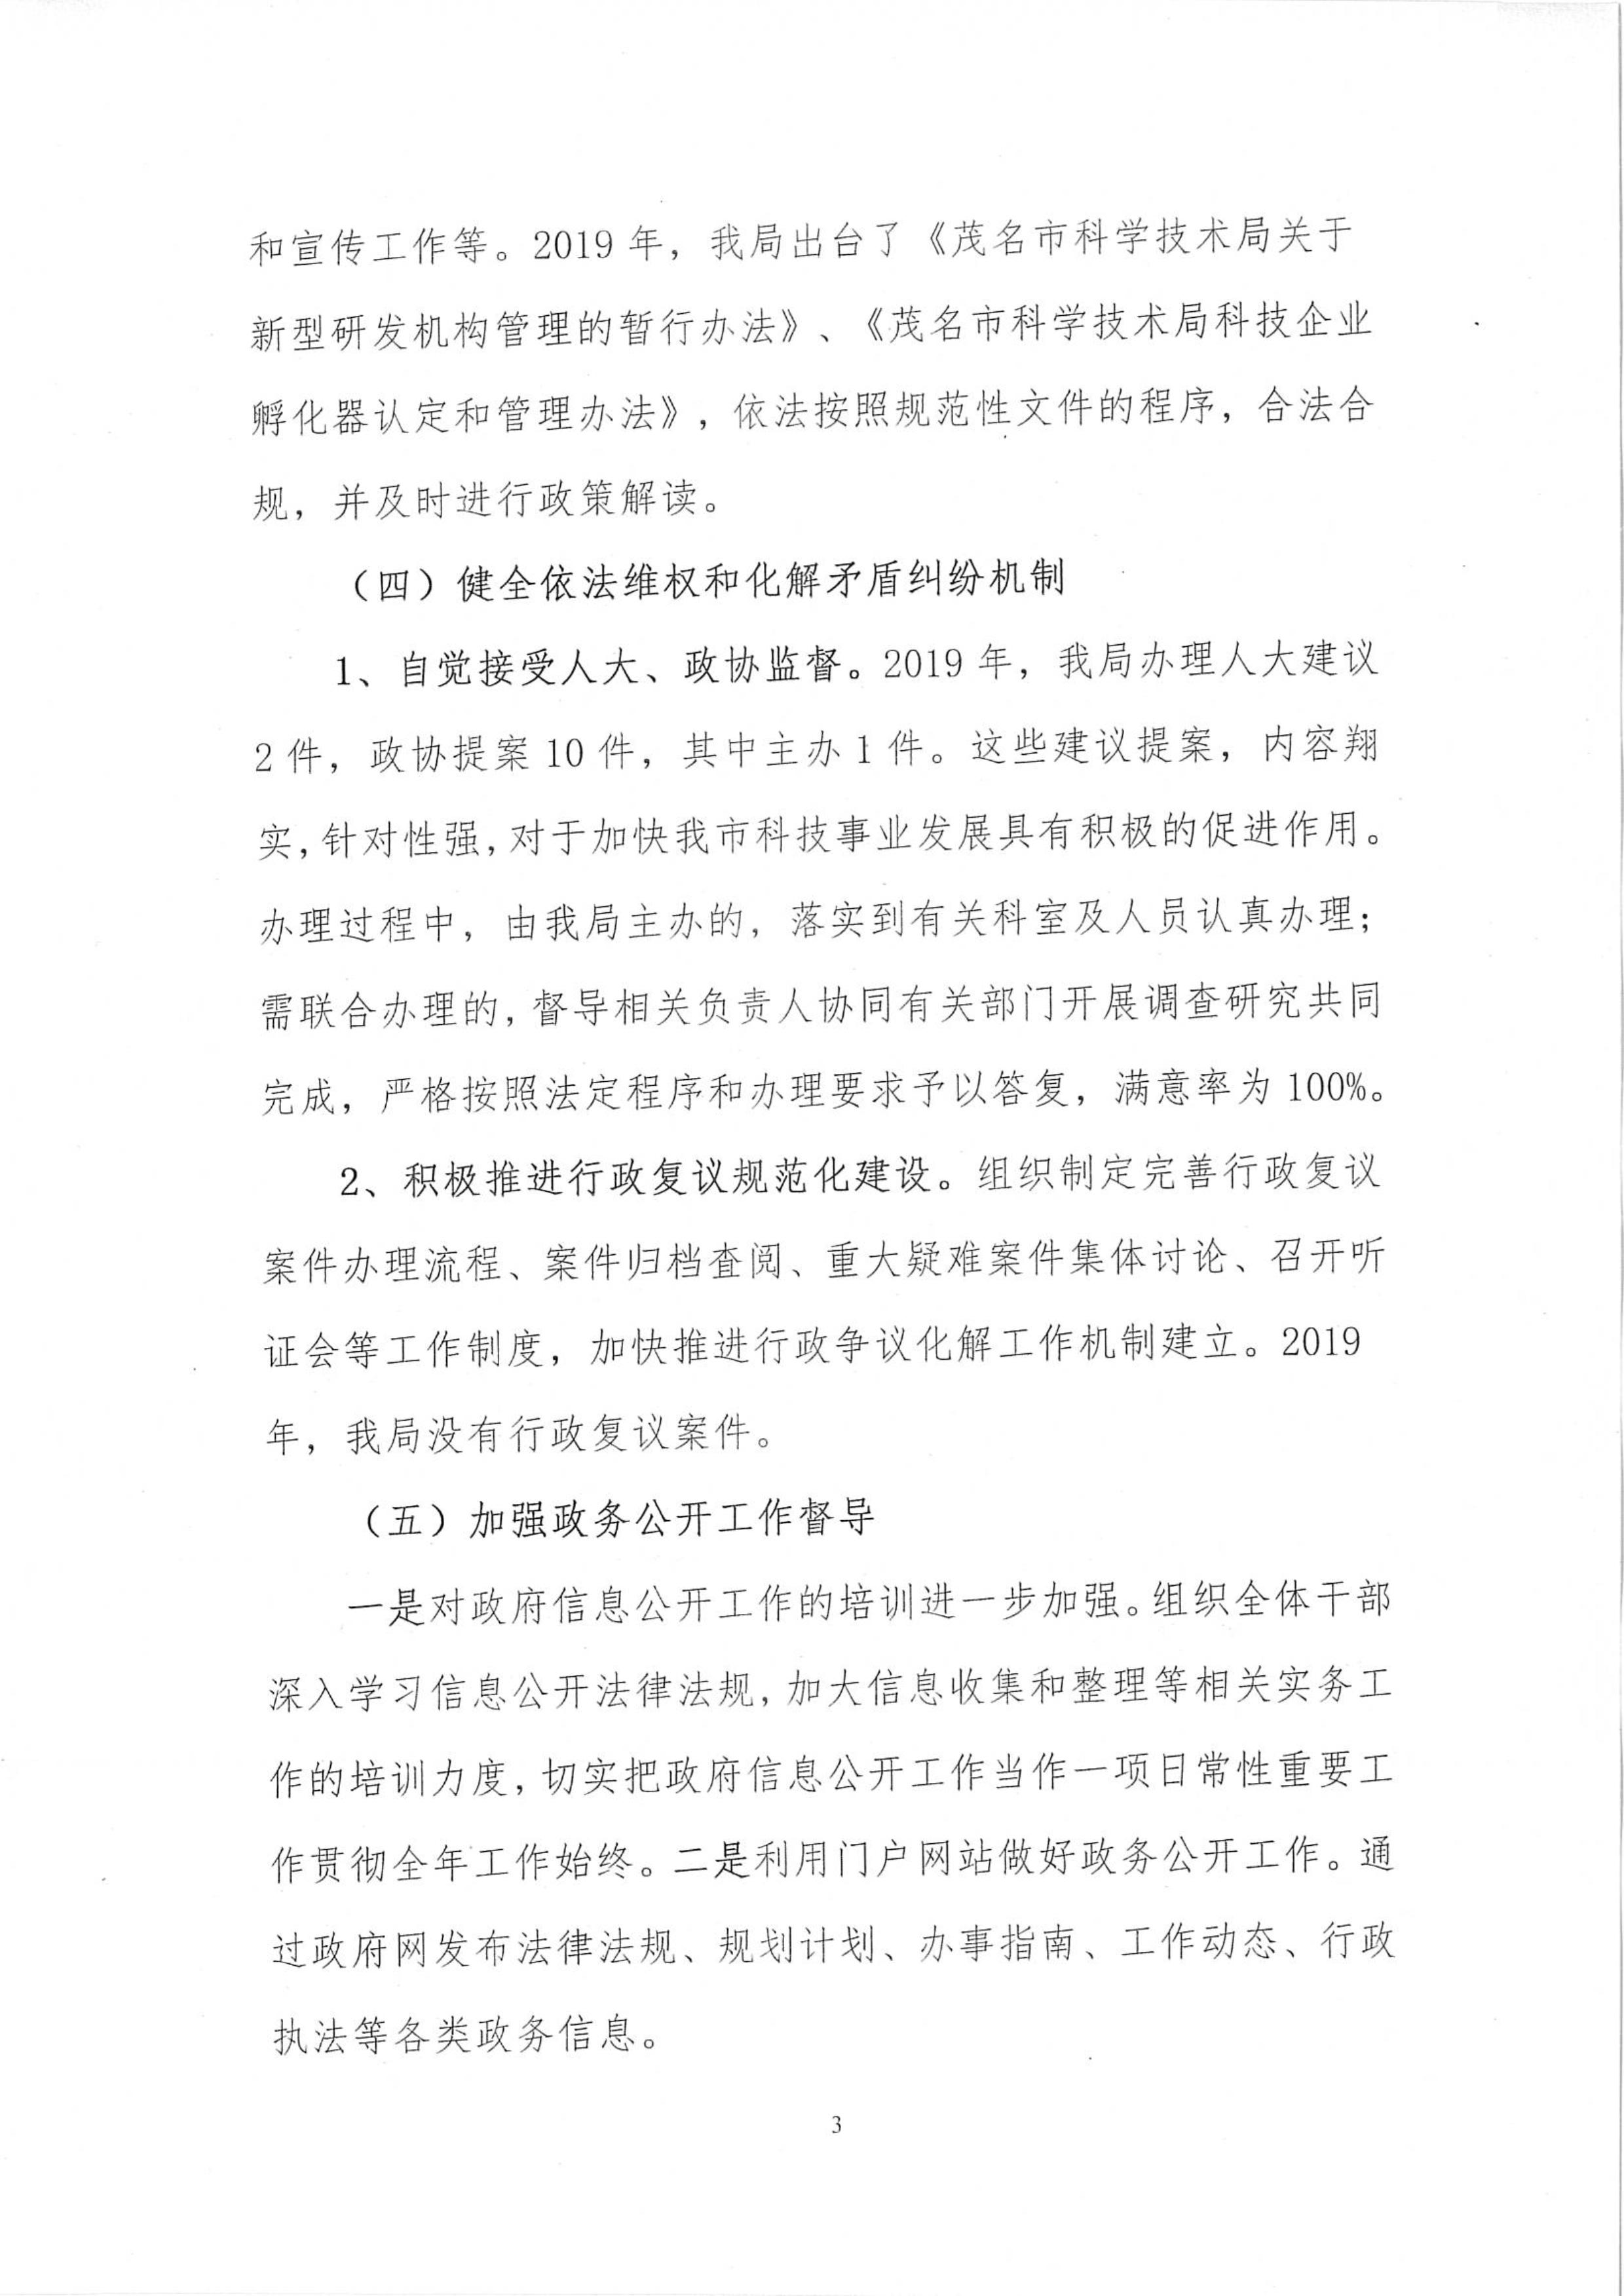 2019年法治政府建设情况汇报(报市政府)_3.jpg